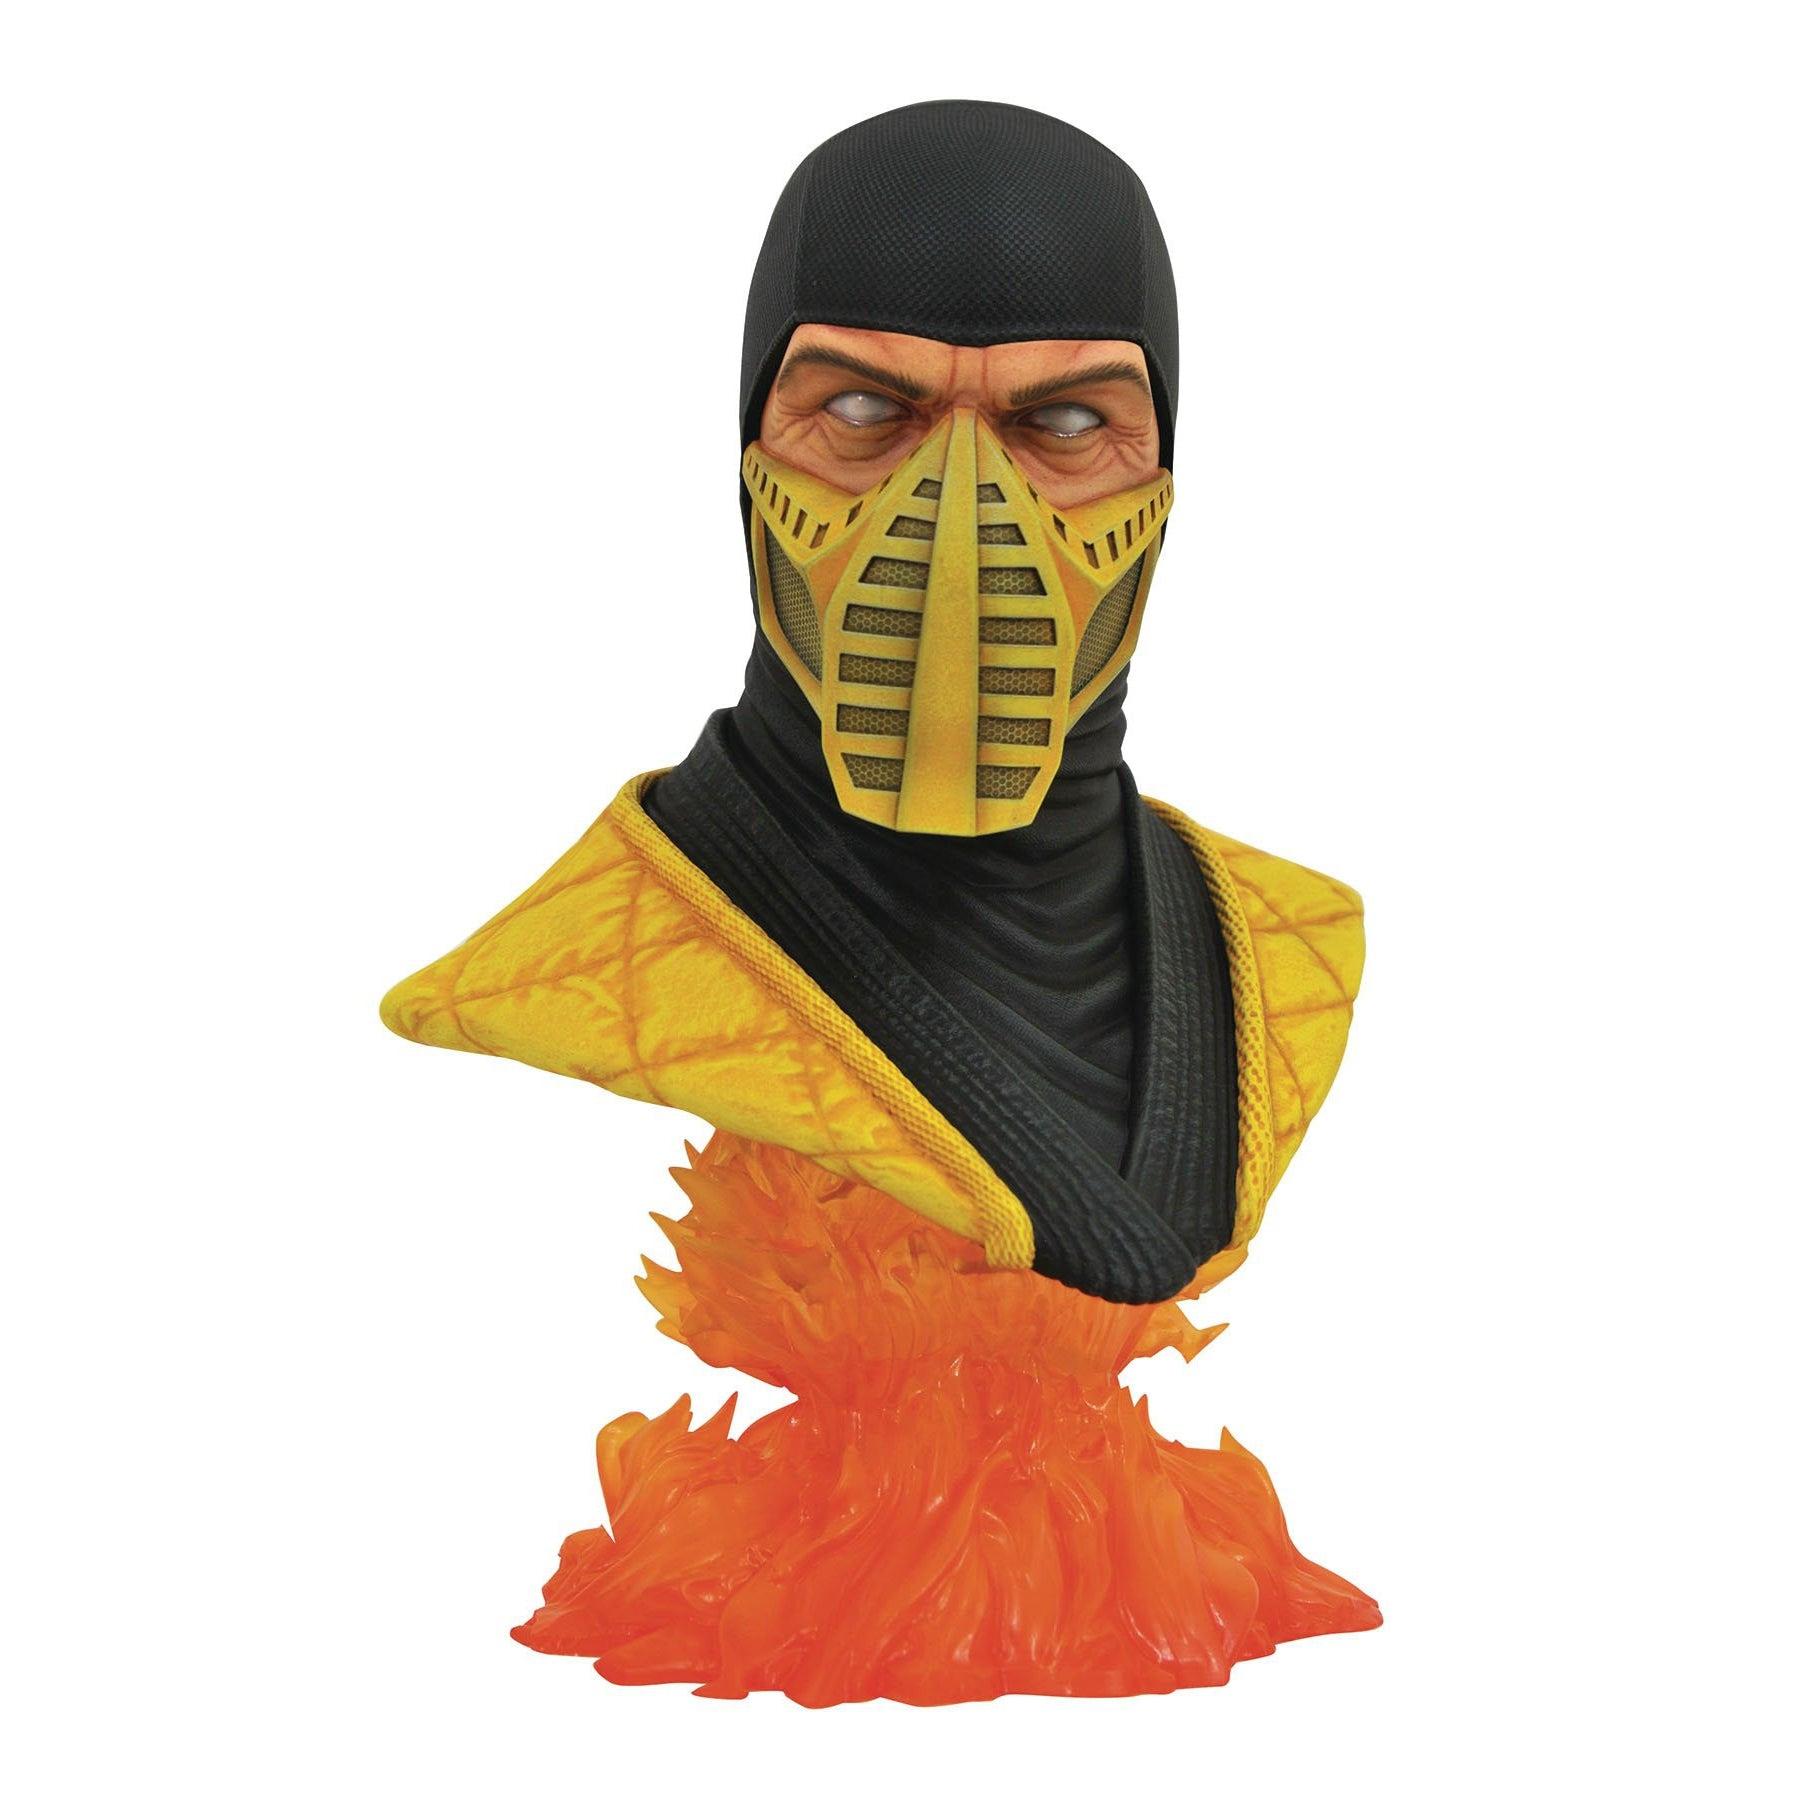 Image of Mortal Kombat 11 Legends in 3D - Scorpion 1/2 Scale Bust - JULY 2020